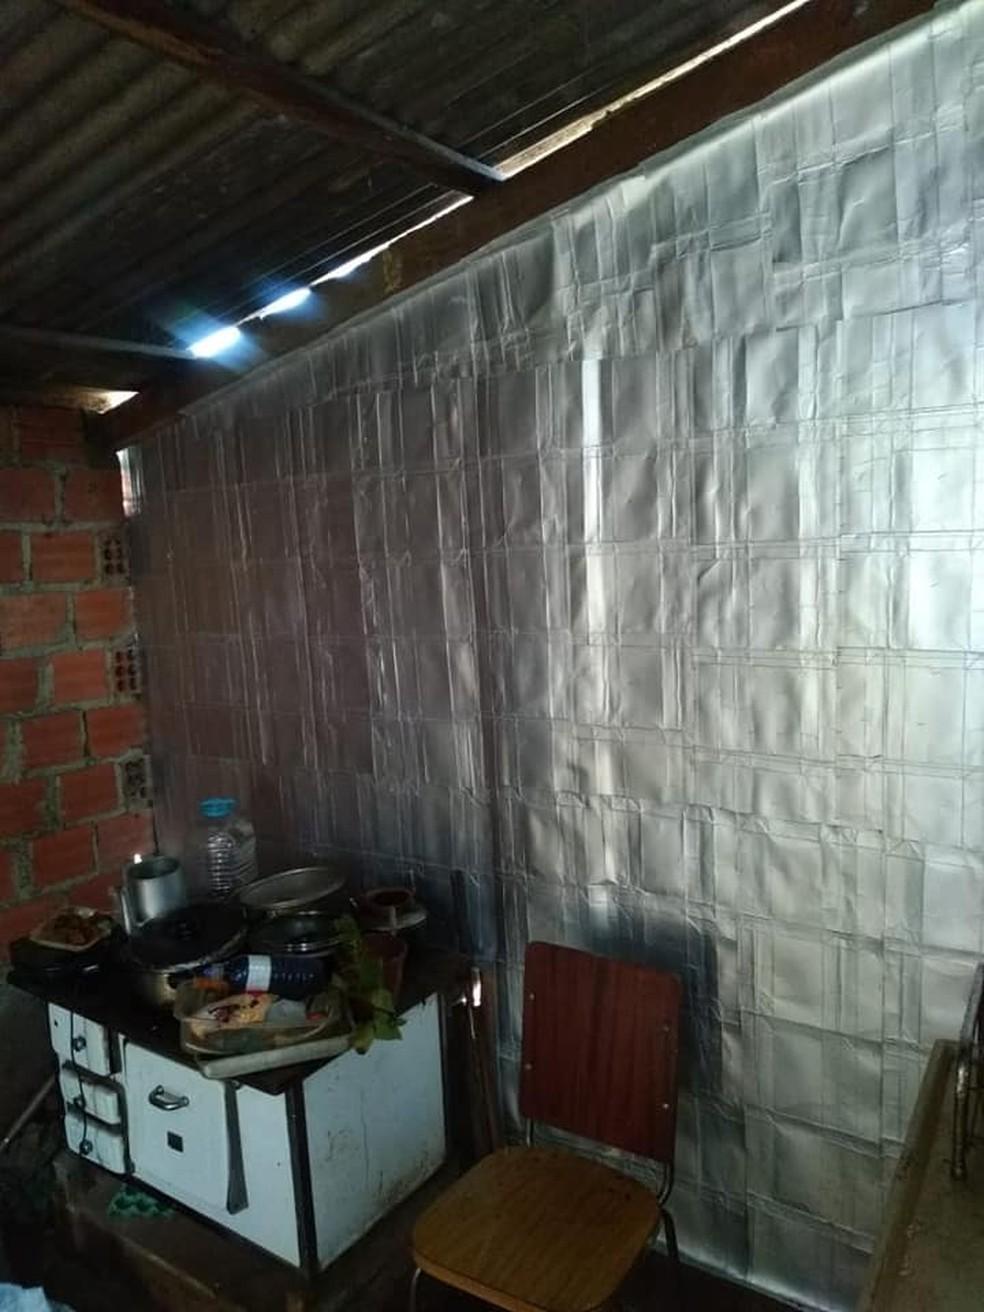 Placas de revestimento ajudam a proteger as famílias do vento e da chuva. — Foto: Reprodução/Facebook.